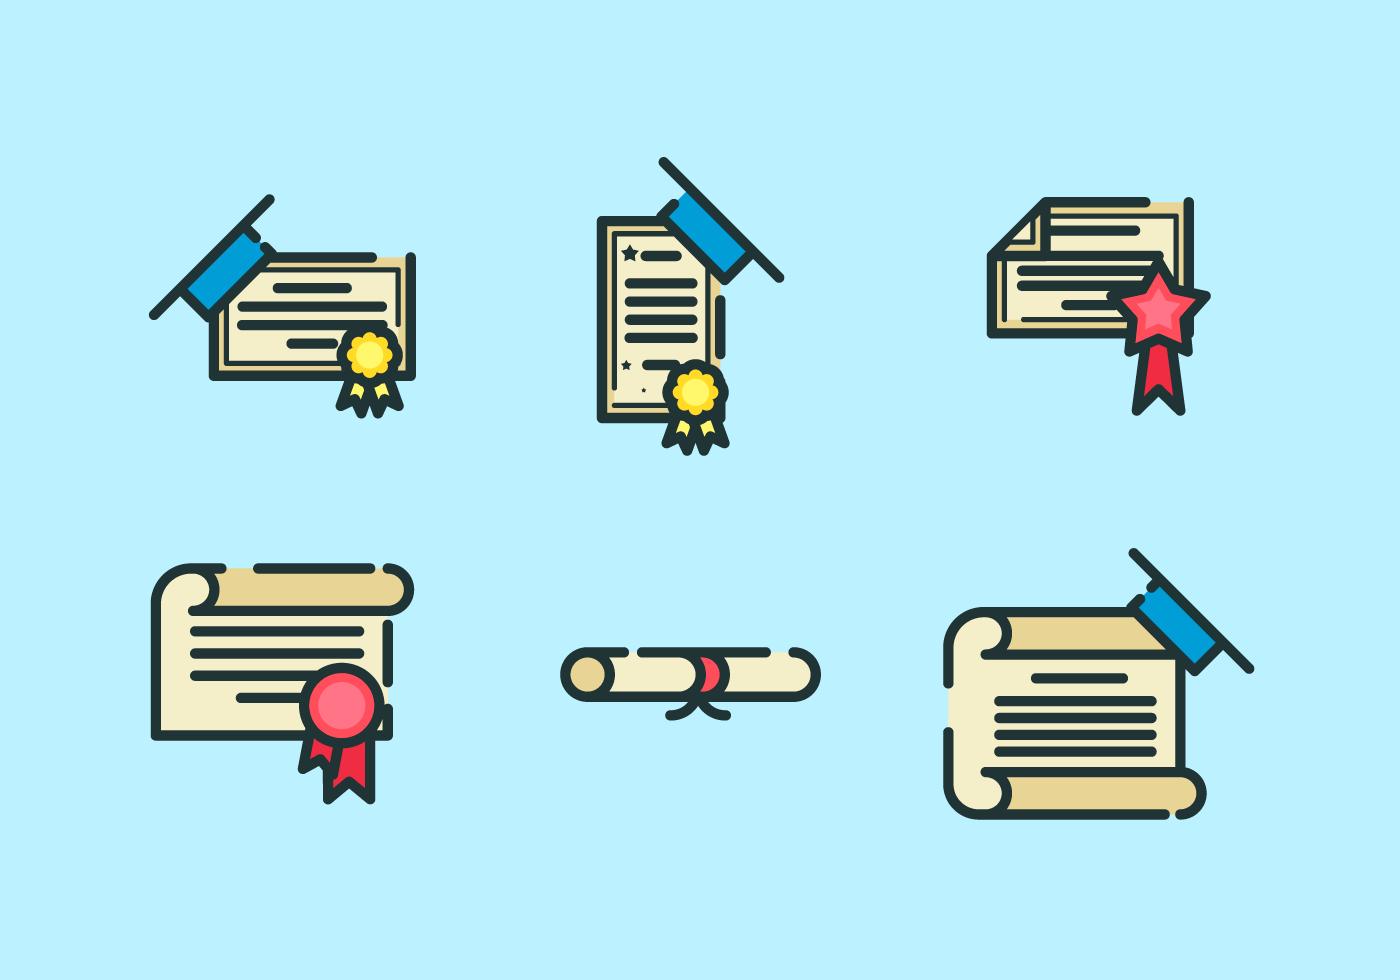 Paquete de Vector Gratis de Diploma - Descargue Gráficos y Vectores ...